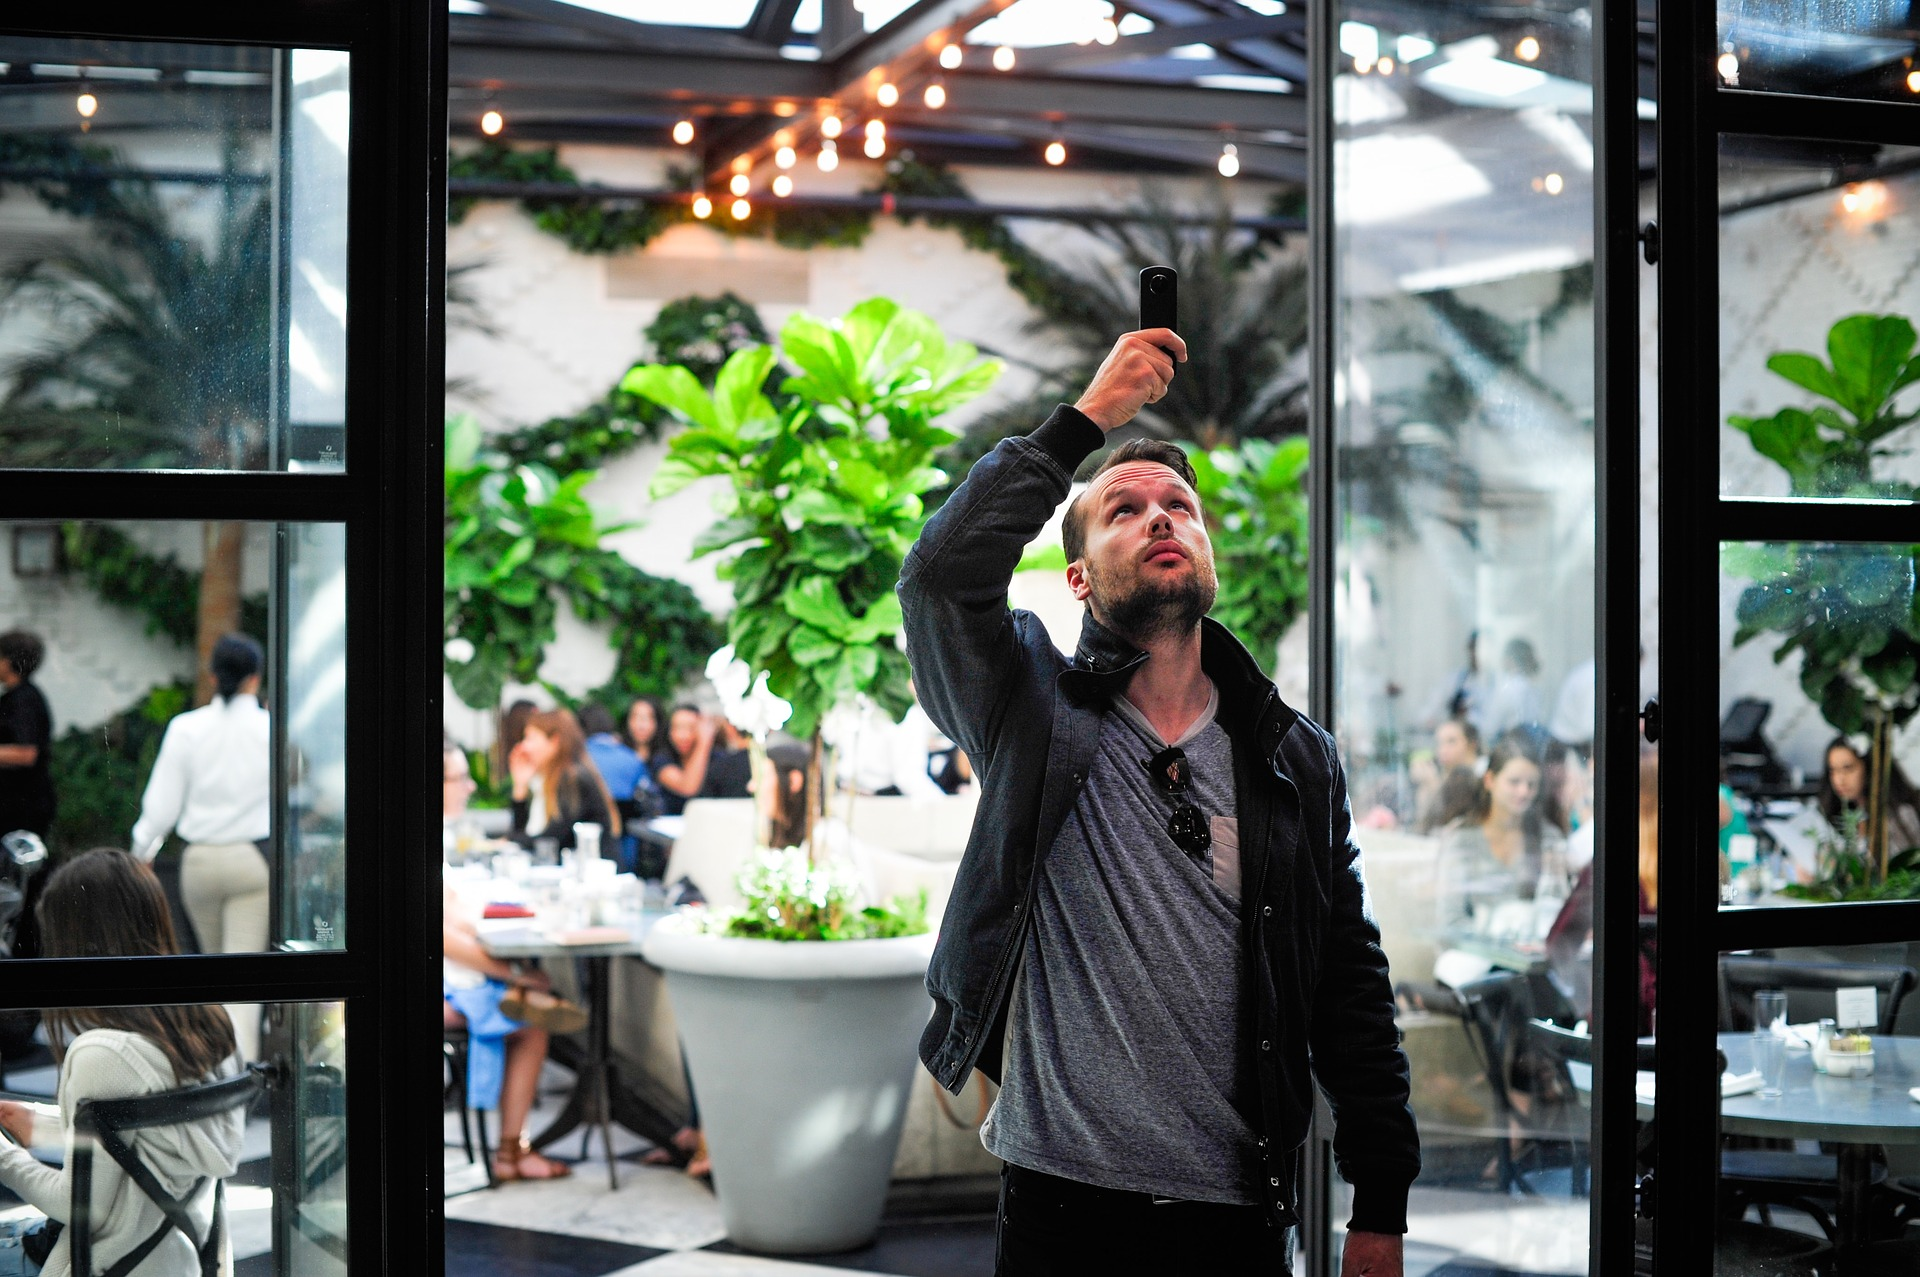 Mann macht ein Foto mit dem Smartphone